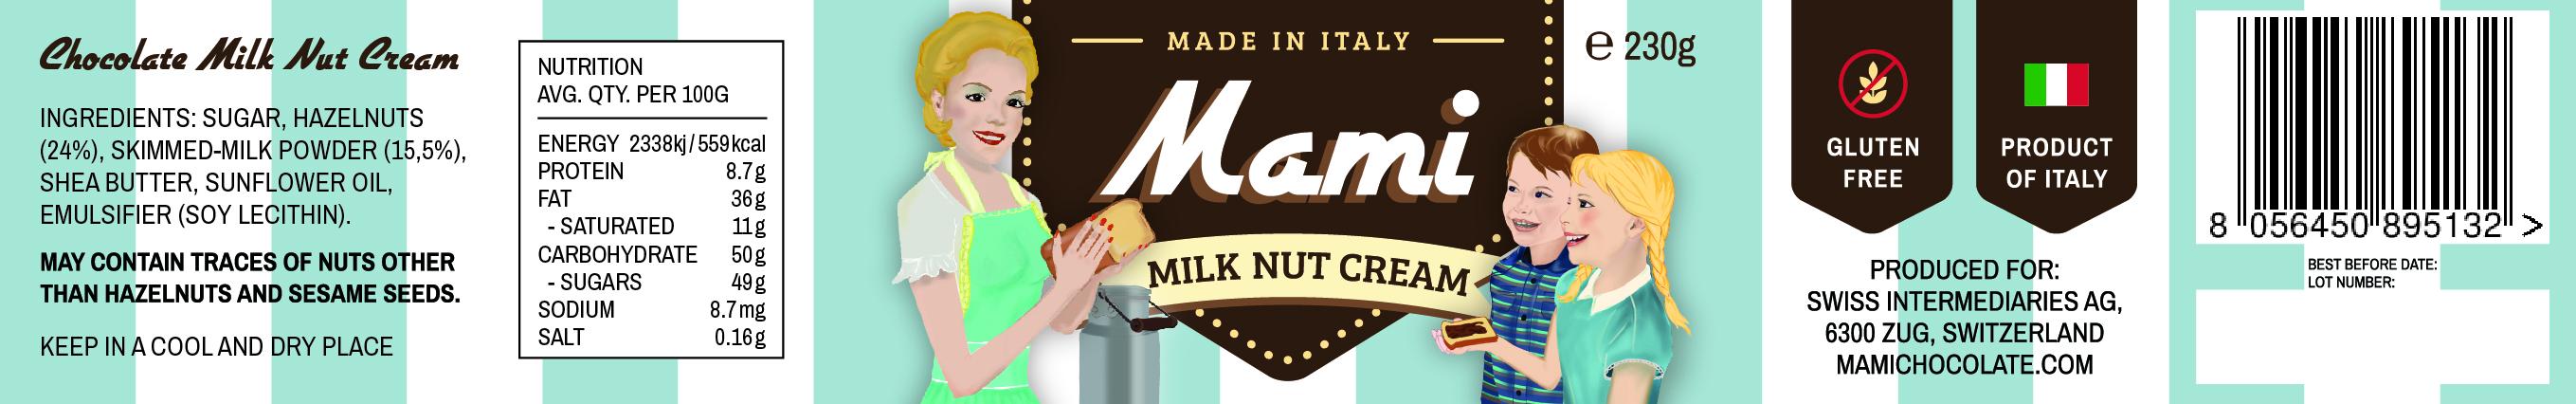 Mami Nut Cream-Milk-01